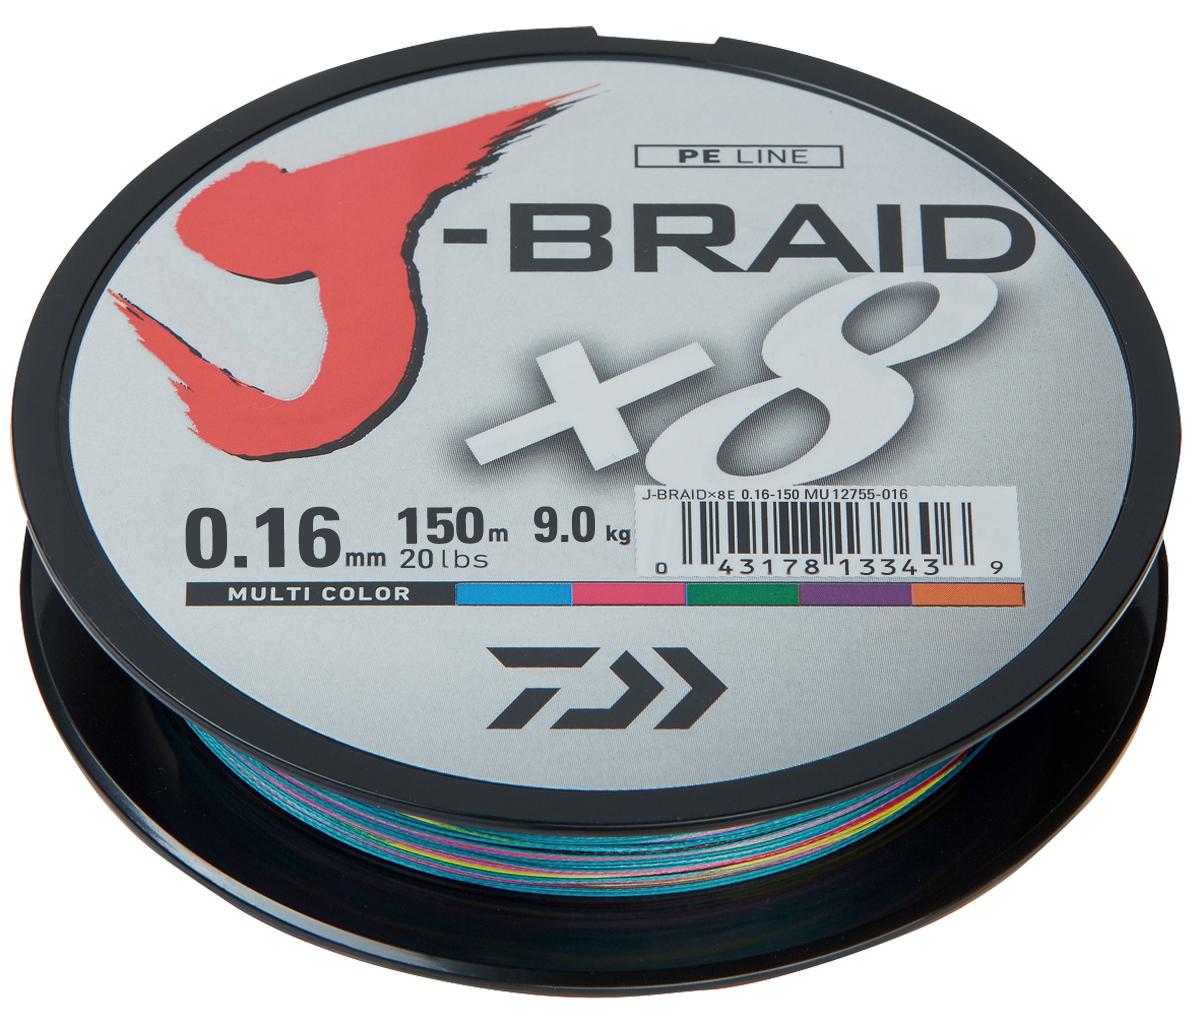 Леска плетеная DAIWA J-Braid X8 0,16мм 150м (мультиколор)Леска плетеная<br>Новый J-Braid от DAIWA - исключительный шнур с <br>плетением в 8 нитей. Он полностью удовлетворяет <br>всем требованиям. предьявляемым высококачественным <br>плетеным шнурам. Неважно, собрались ли вы <br>ловить крупных морских хищников, как палтус, <br>треска или спйда, или окуня и судака, с вашим <br>новым J-Braid вы всегда контролируете рыбу. <br>J-Braid предлагает соответствующий диаметр <br>для любых техник ловли: море, река или озеро <br>- невероятно прочный и надежный. J-Braid скользит <br>через кольца, обеспечивая дальний и точный <br>заброс даже самых легких приманок. Идеален <br>для спиннинговых и бейткастинговых катушек! <br>Невероятное соотношение цены и качества! <br>-Плетение 8 нитей -Круглое сечение -Высокая <br>прочность на разрыв -Высокая износостойкость <br>-Не растягивается -Сделан в Японии<br>